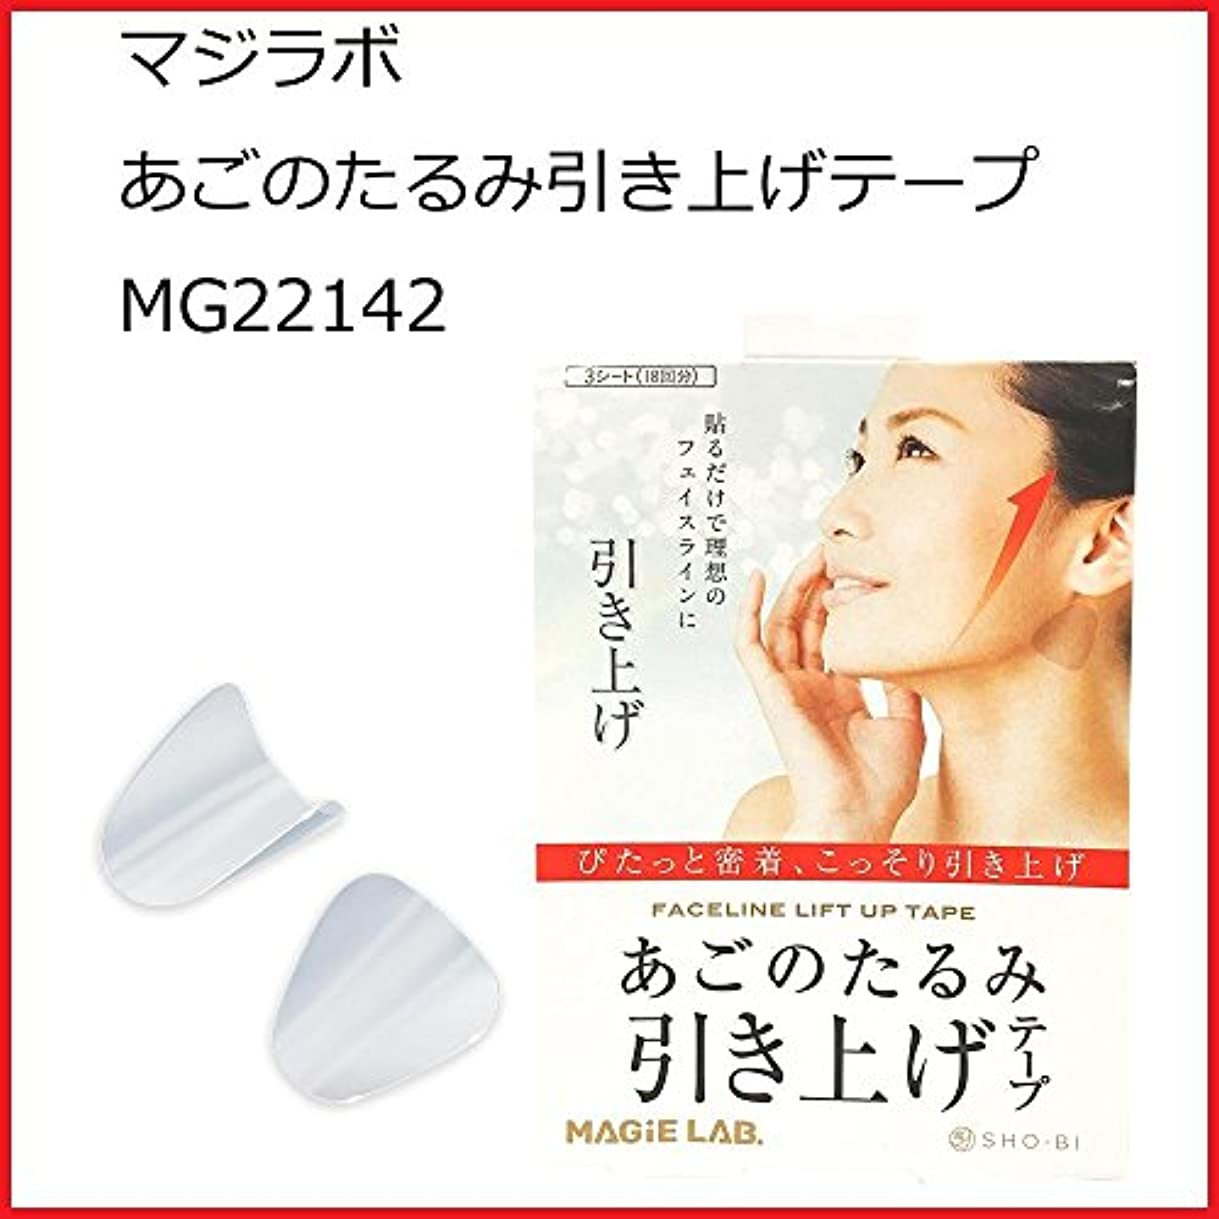 マジラボ あごのたるみ引き上げテープ MG22142